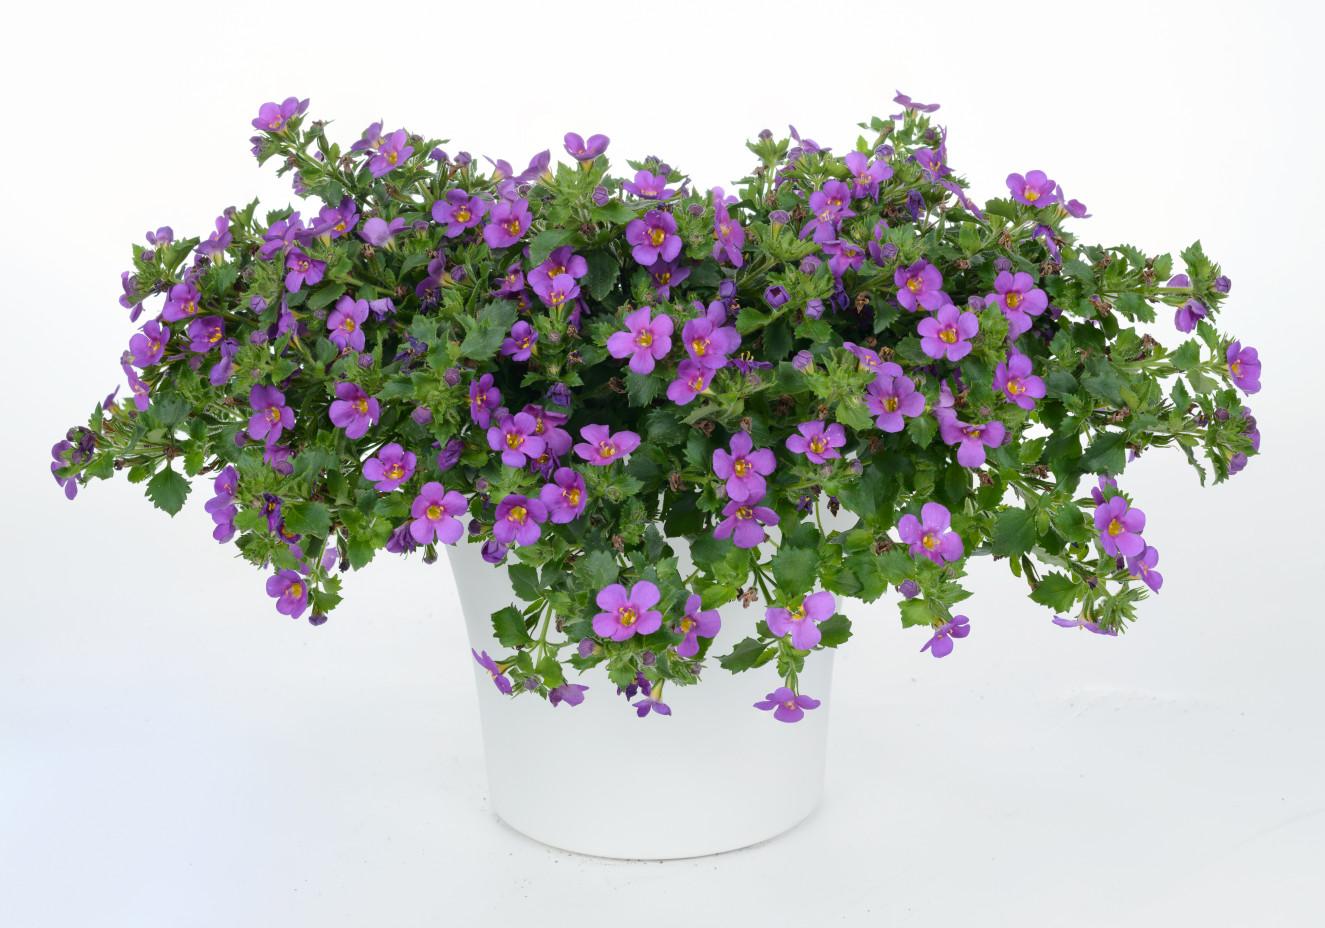 Bacopa Scopia Great Violet Glow-BA-14-2983-693-Edit